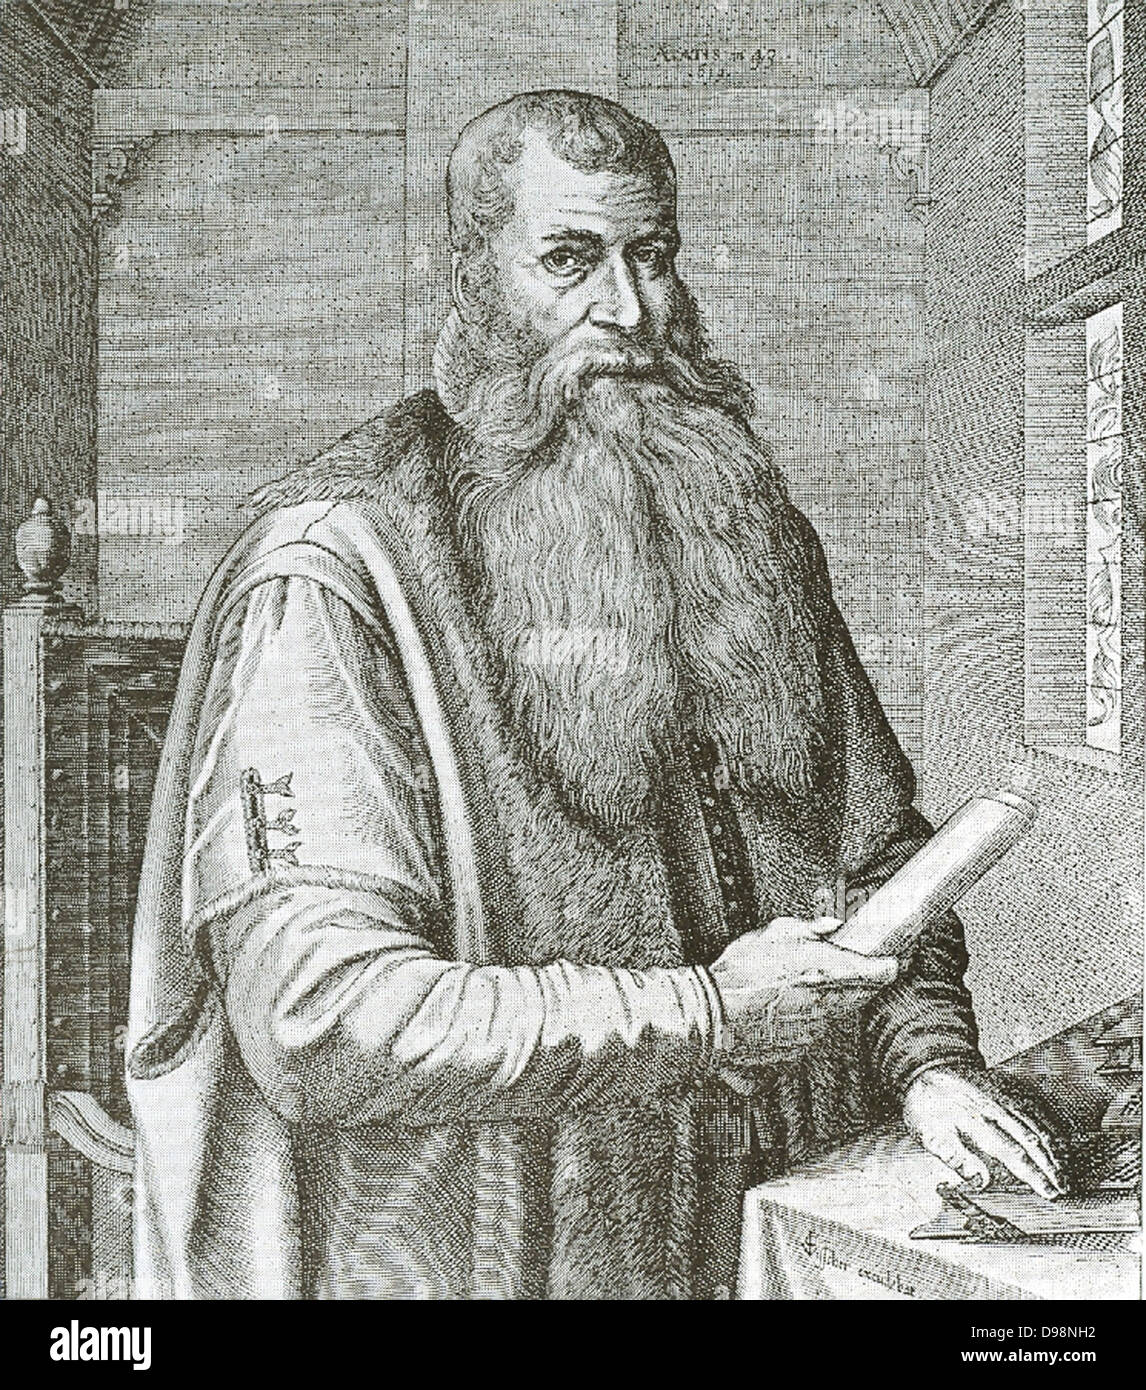 Johann(es) Bogerman (1576 - 11 septembre 1637) était un protestant frison divin. Il est né à Uplewert Photo Stock